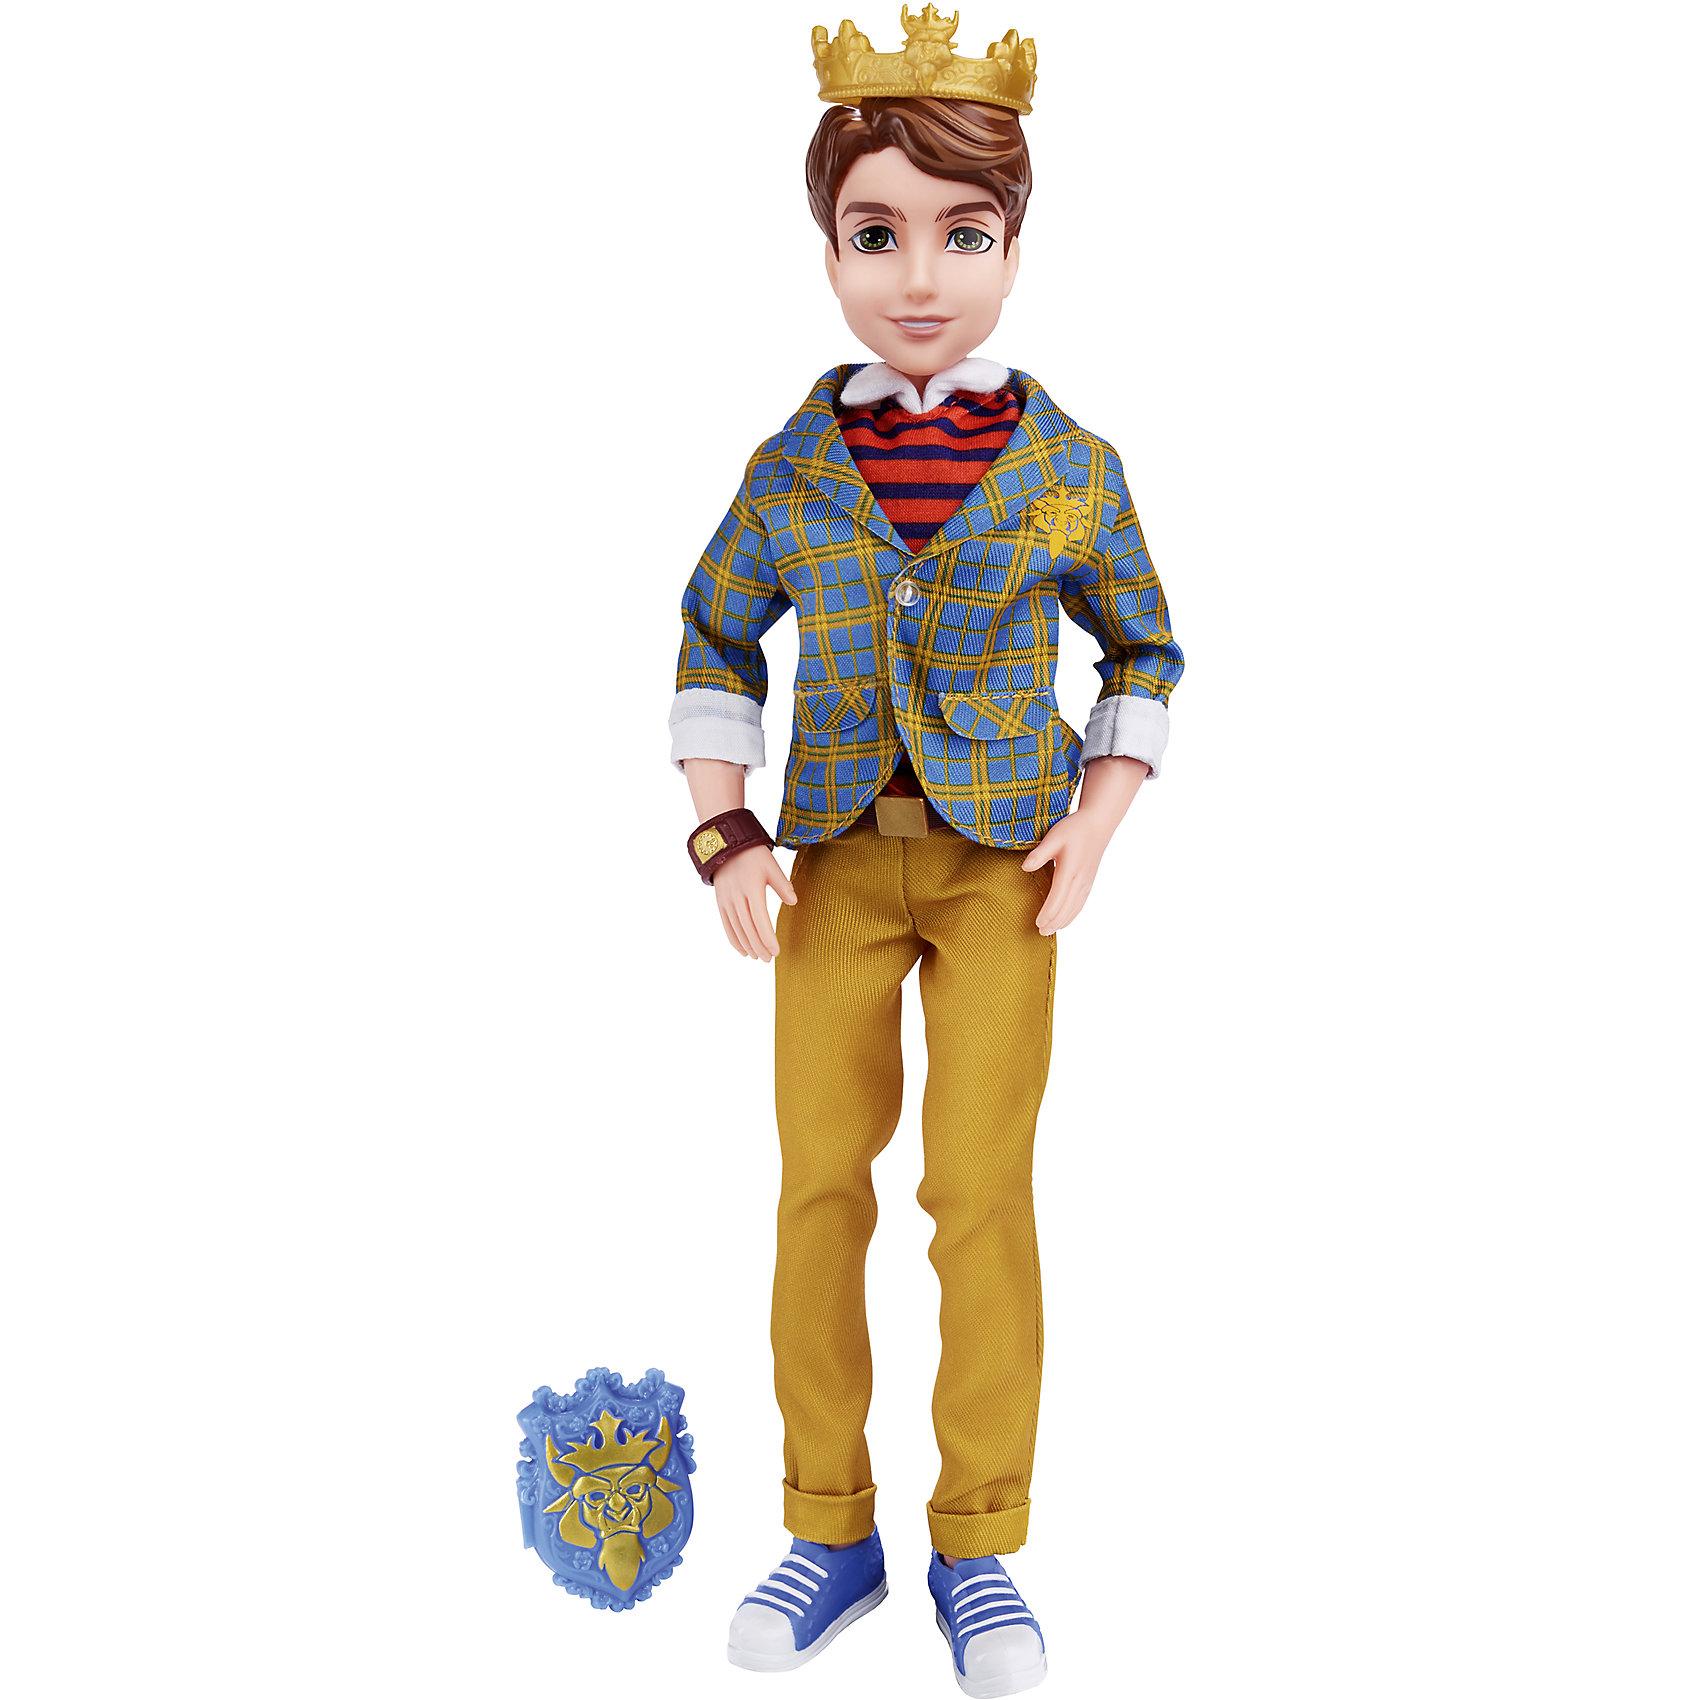 Кукла Бен, Светлые  герои, НаследникиИгрушки<br>Кукла Светлые герои, Наследники, B5851/B3116<br><br>Характеристики:<br><br>• Высота: 29см<br>• Вес: 273 г<br>• В комплекте: кукла, аксессуары, одежда<br>• Материал: пластик, текстиль<br><br>Кукла из популярного нового мультфильма «Наследники» понравится любой юной поклоннице. Сделана кукла из качественного материала, который не только не вредит ребенку, но еще и очень прочный. В комплекте с куколкой идут ее наряд и аксессуары, которые позволят создать собственный, неповторимый образ. Благодаря тому, что конечности куклы подвижные и гибкие, а волосы легко расчесываются – игра станет настоящей. <br><br>Кукла Светлые герои, Наследники, B5851/B3116 можно купить в нашем интернет-магазине.<br><br>Ширина мм: 76<br>Глубина мм: 54<br>Высота мм: 72<br>Вес г: 54<br>Возраст от месяцев: 12<br>Возраст до месяцев: 36<br>Пол: Женский<br>Возраст: Детский<br>SKU: 5177789